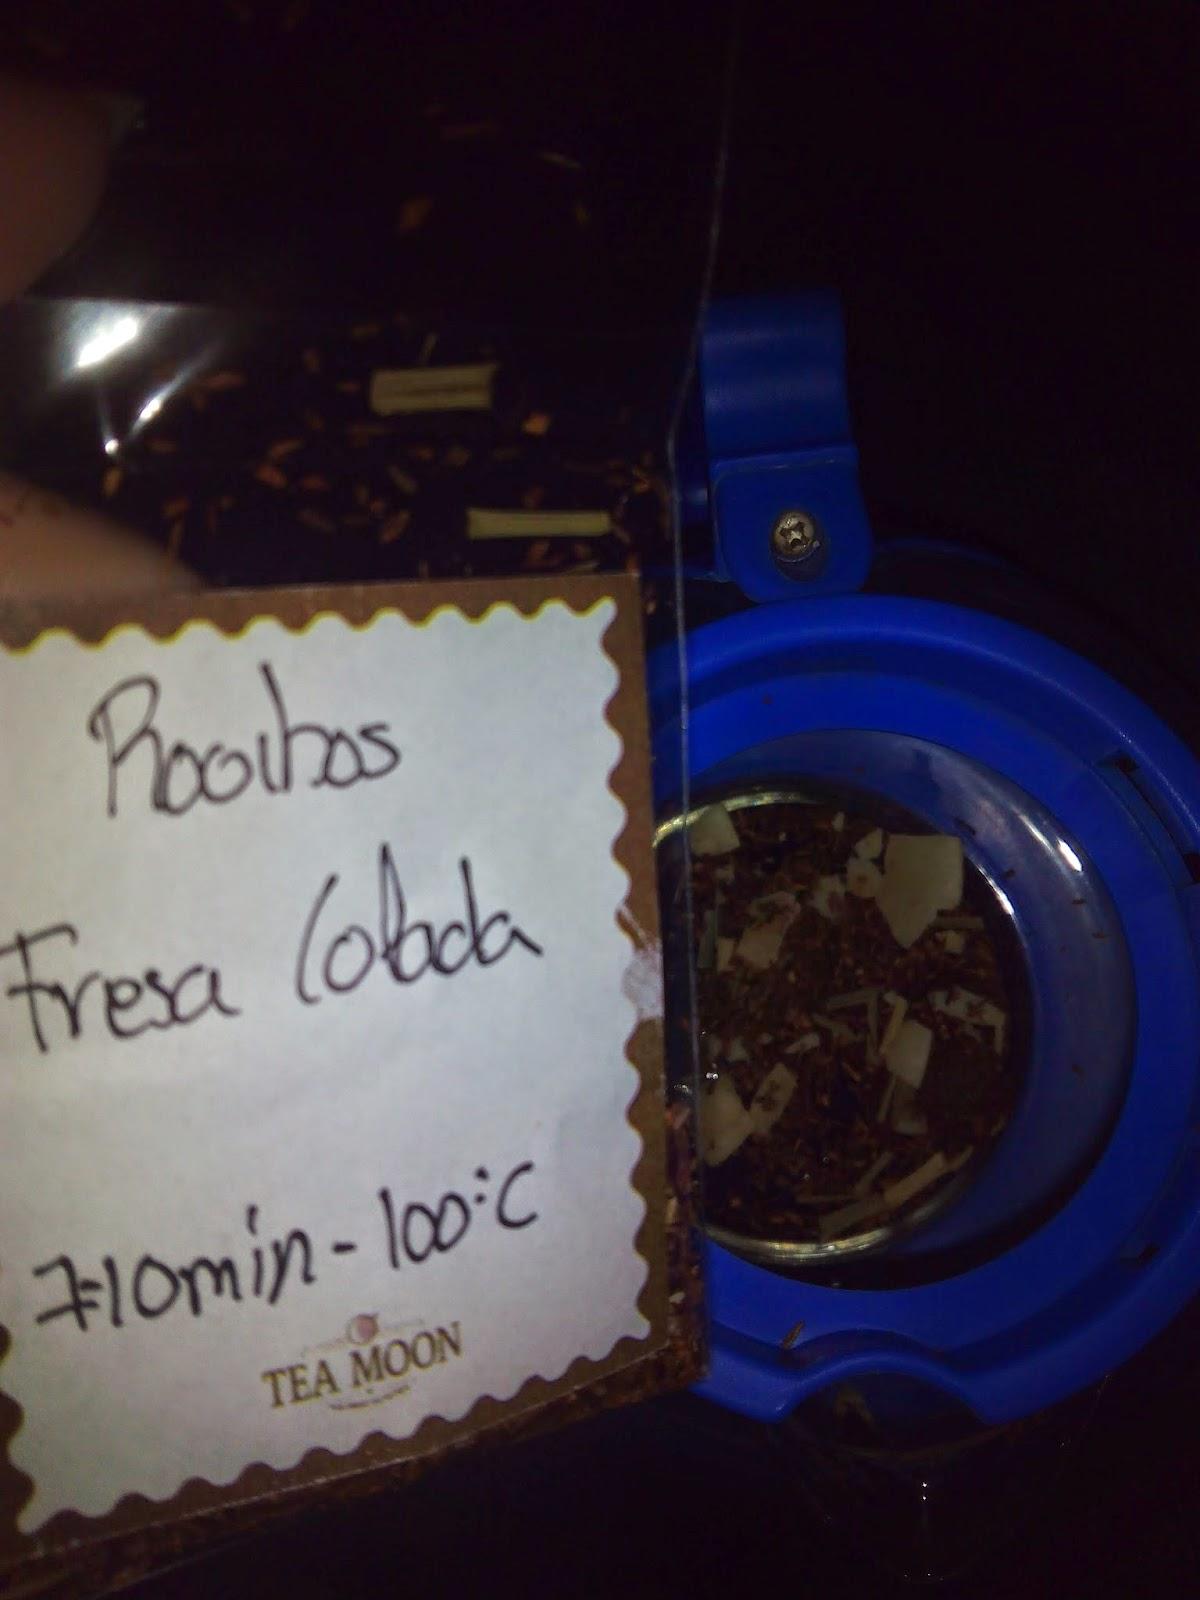 Tea Moon